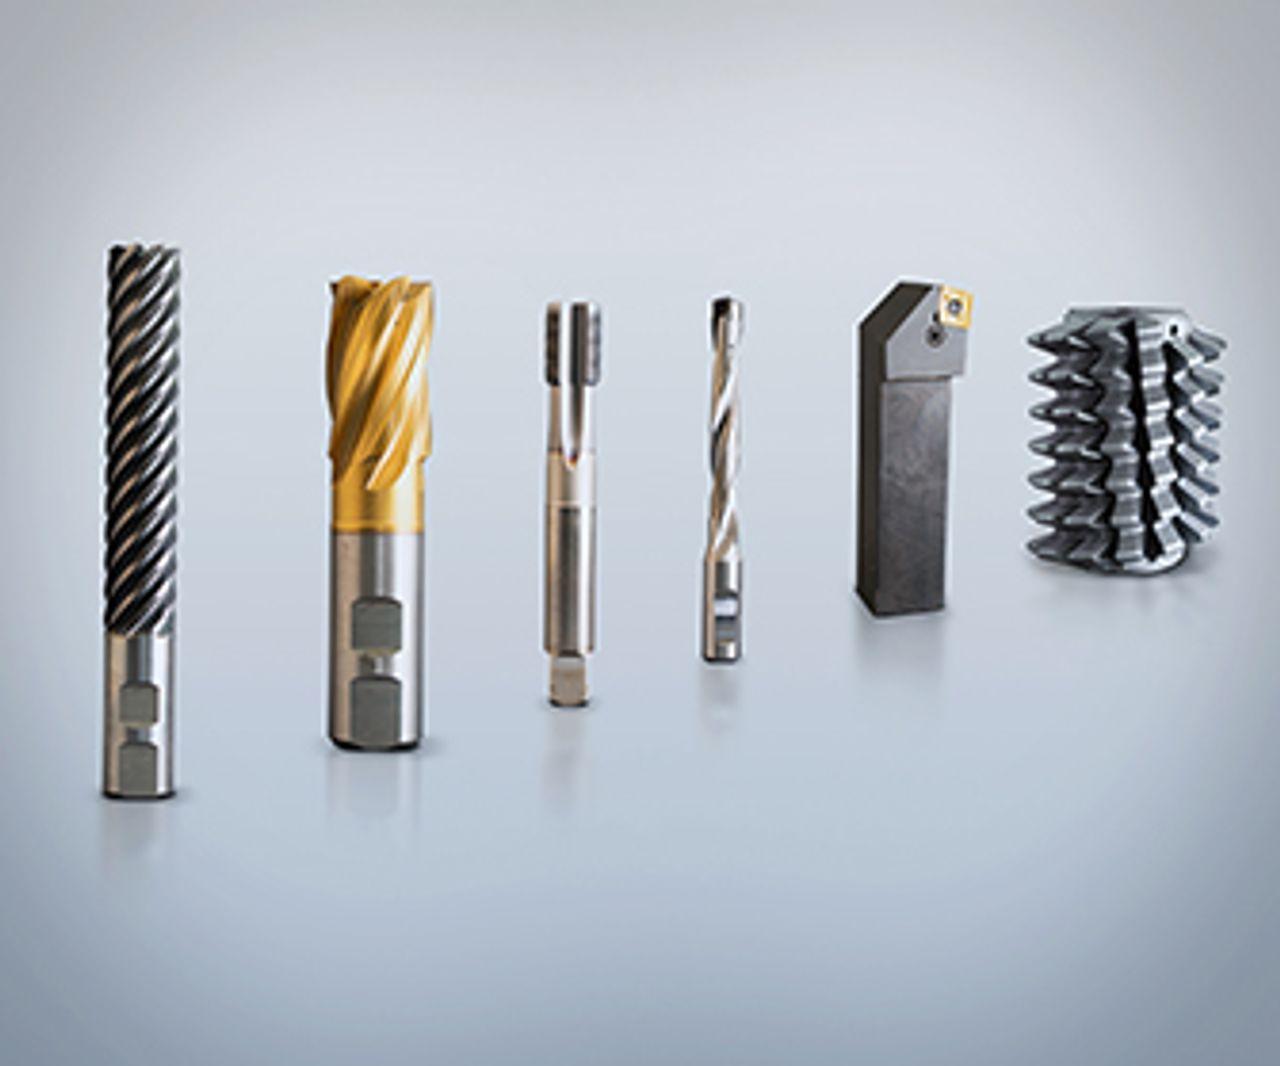 Sechs verschiedene Zerspanungswerkzeuge auf grauem Hintergrund